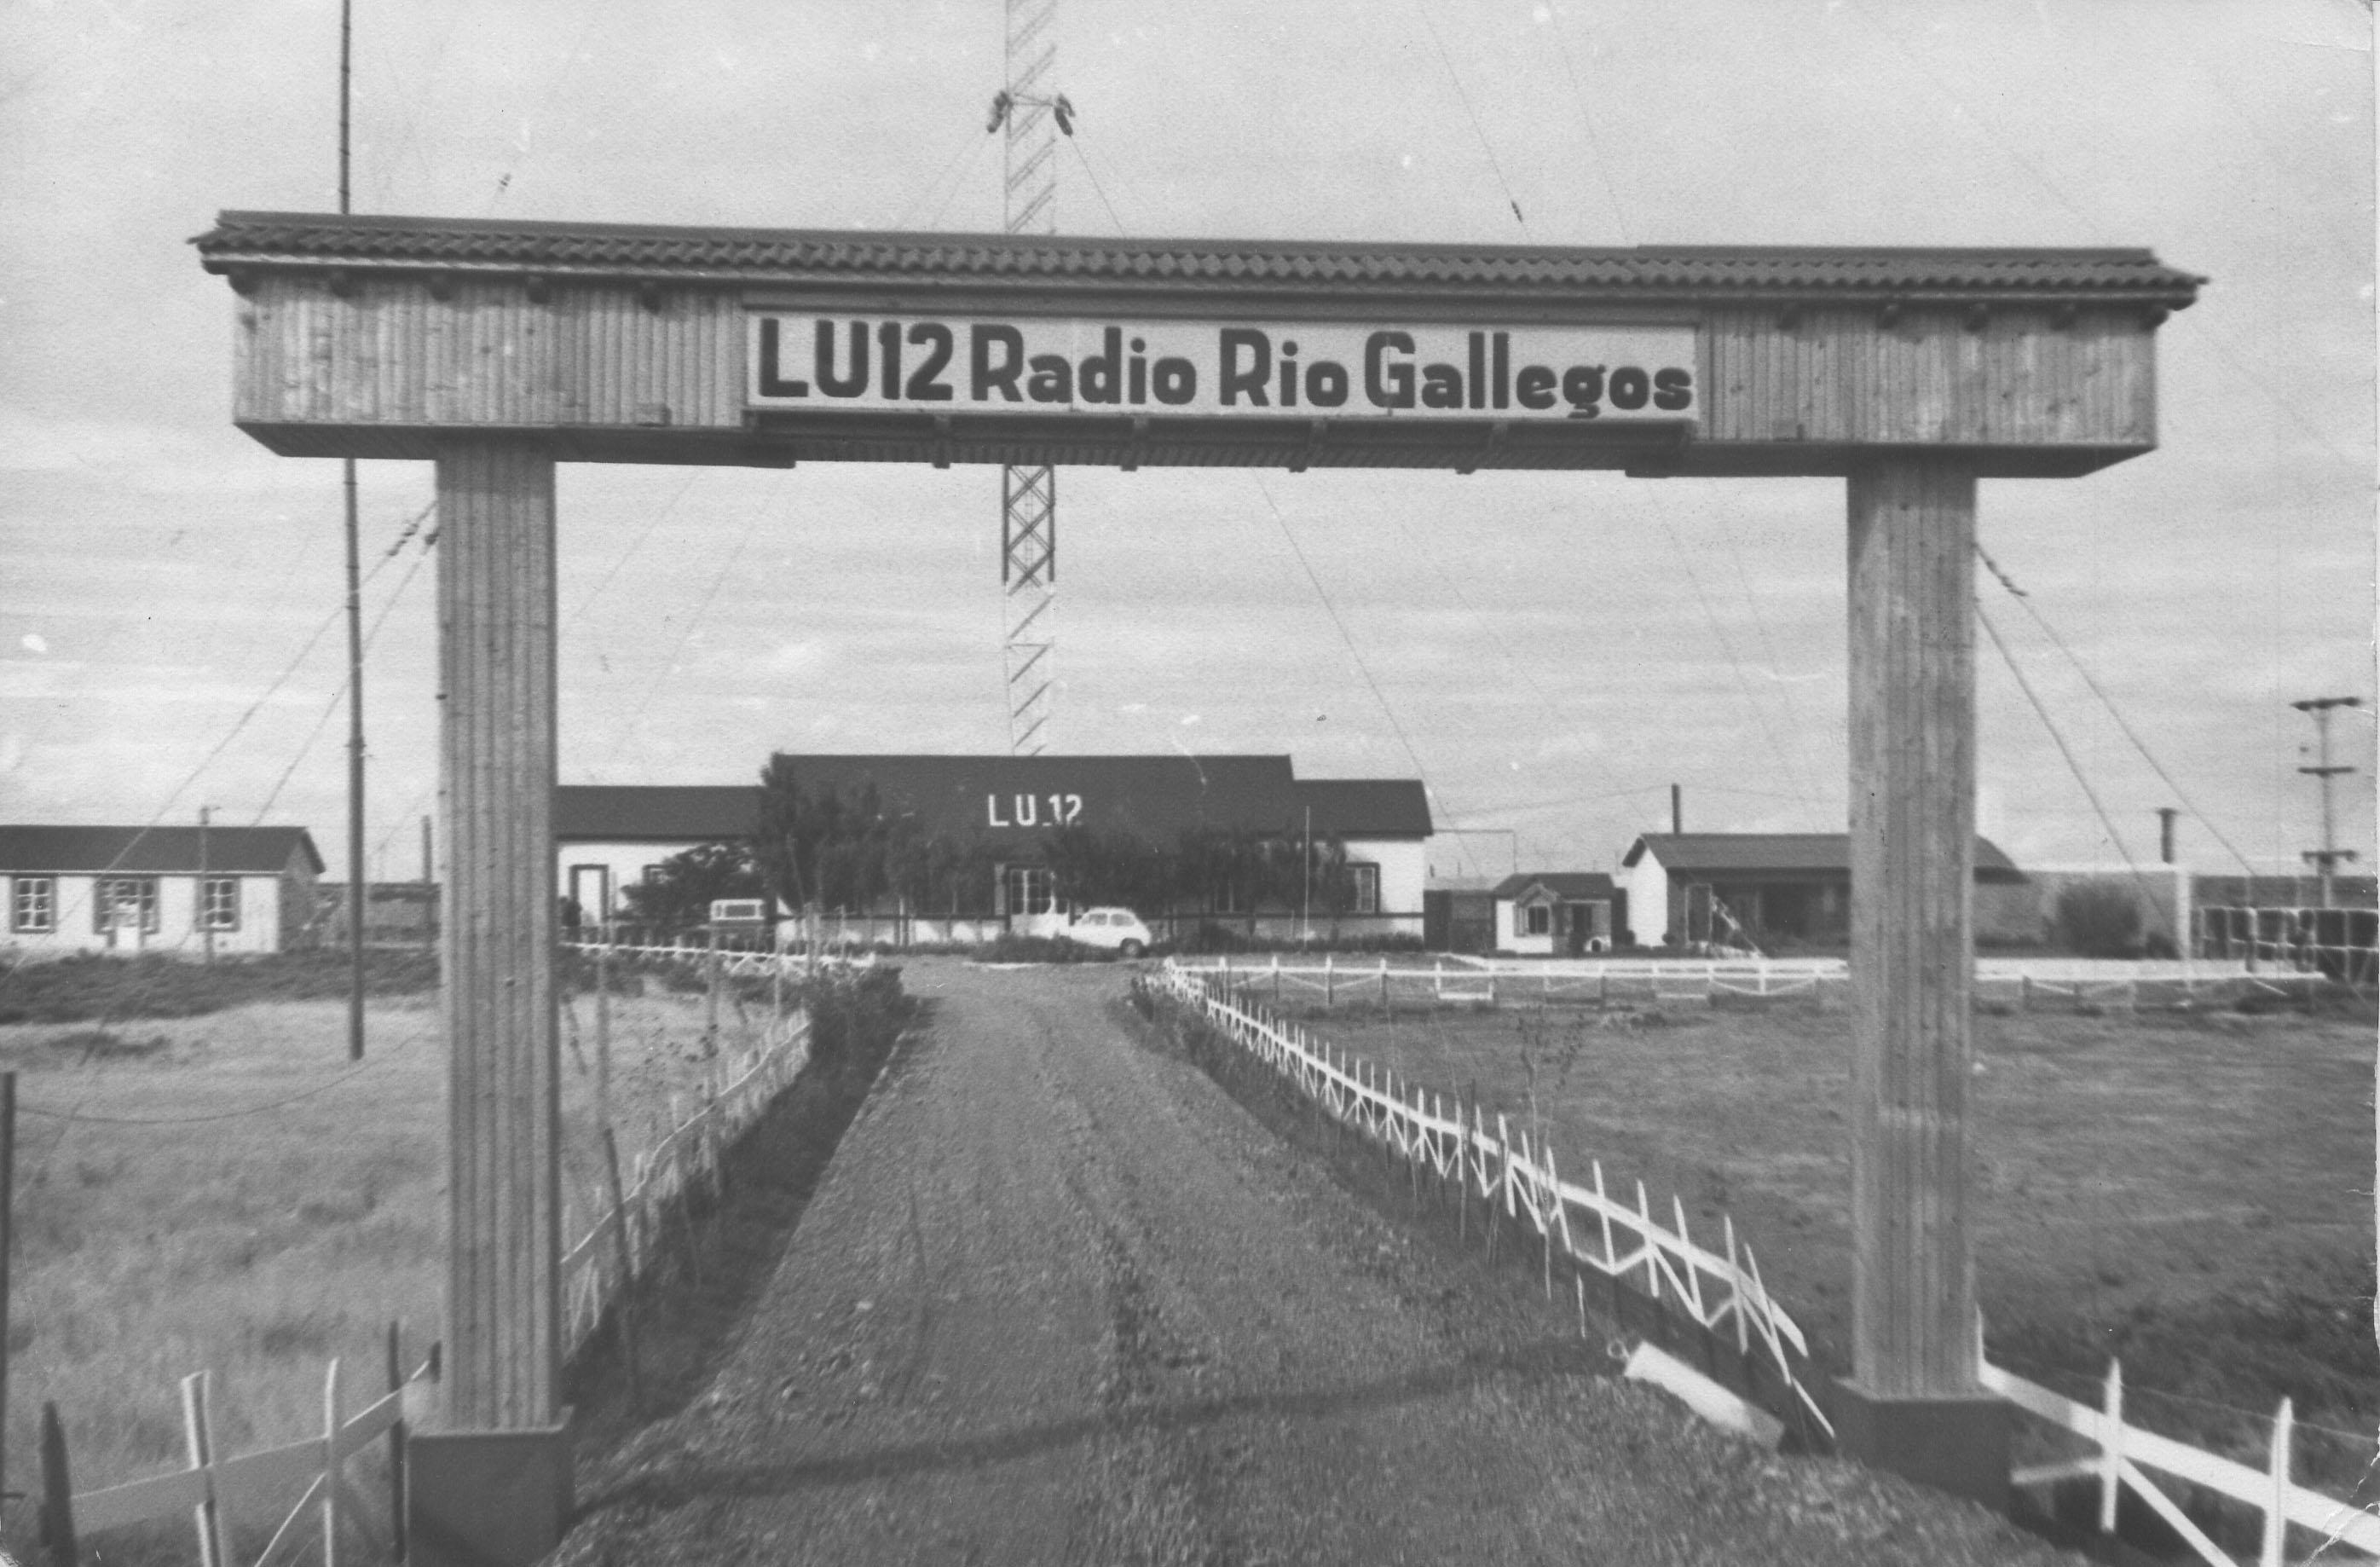 Complejo de la planta transmisora de LU12 Radio Río Gallegos ubicado en el kilómetro 2795 de la Ruta 3.